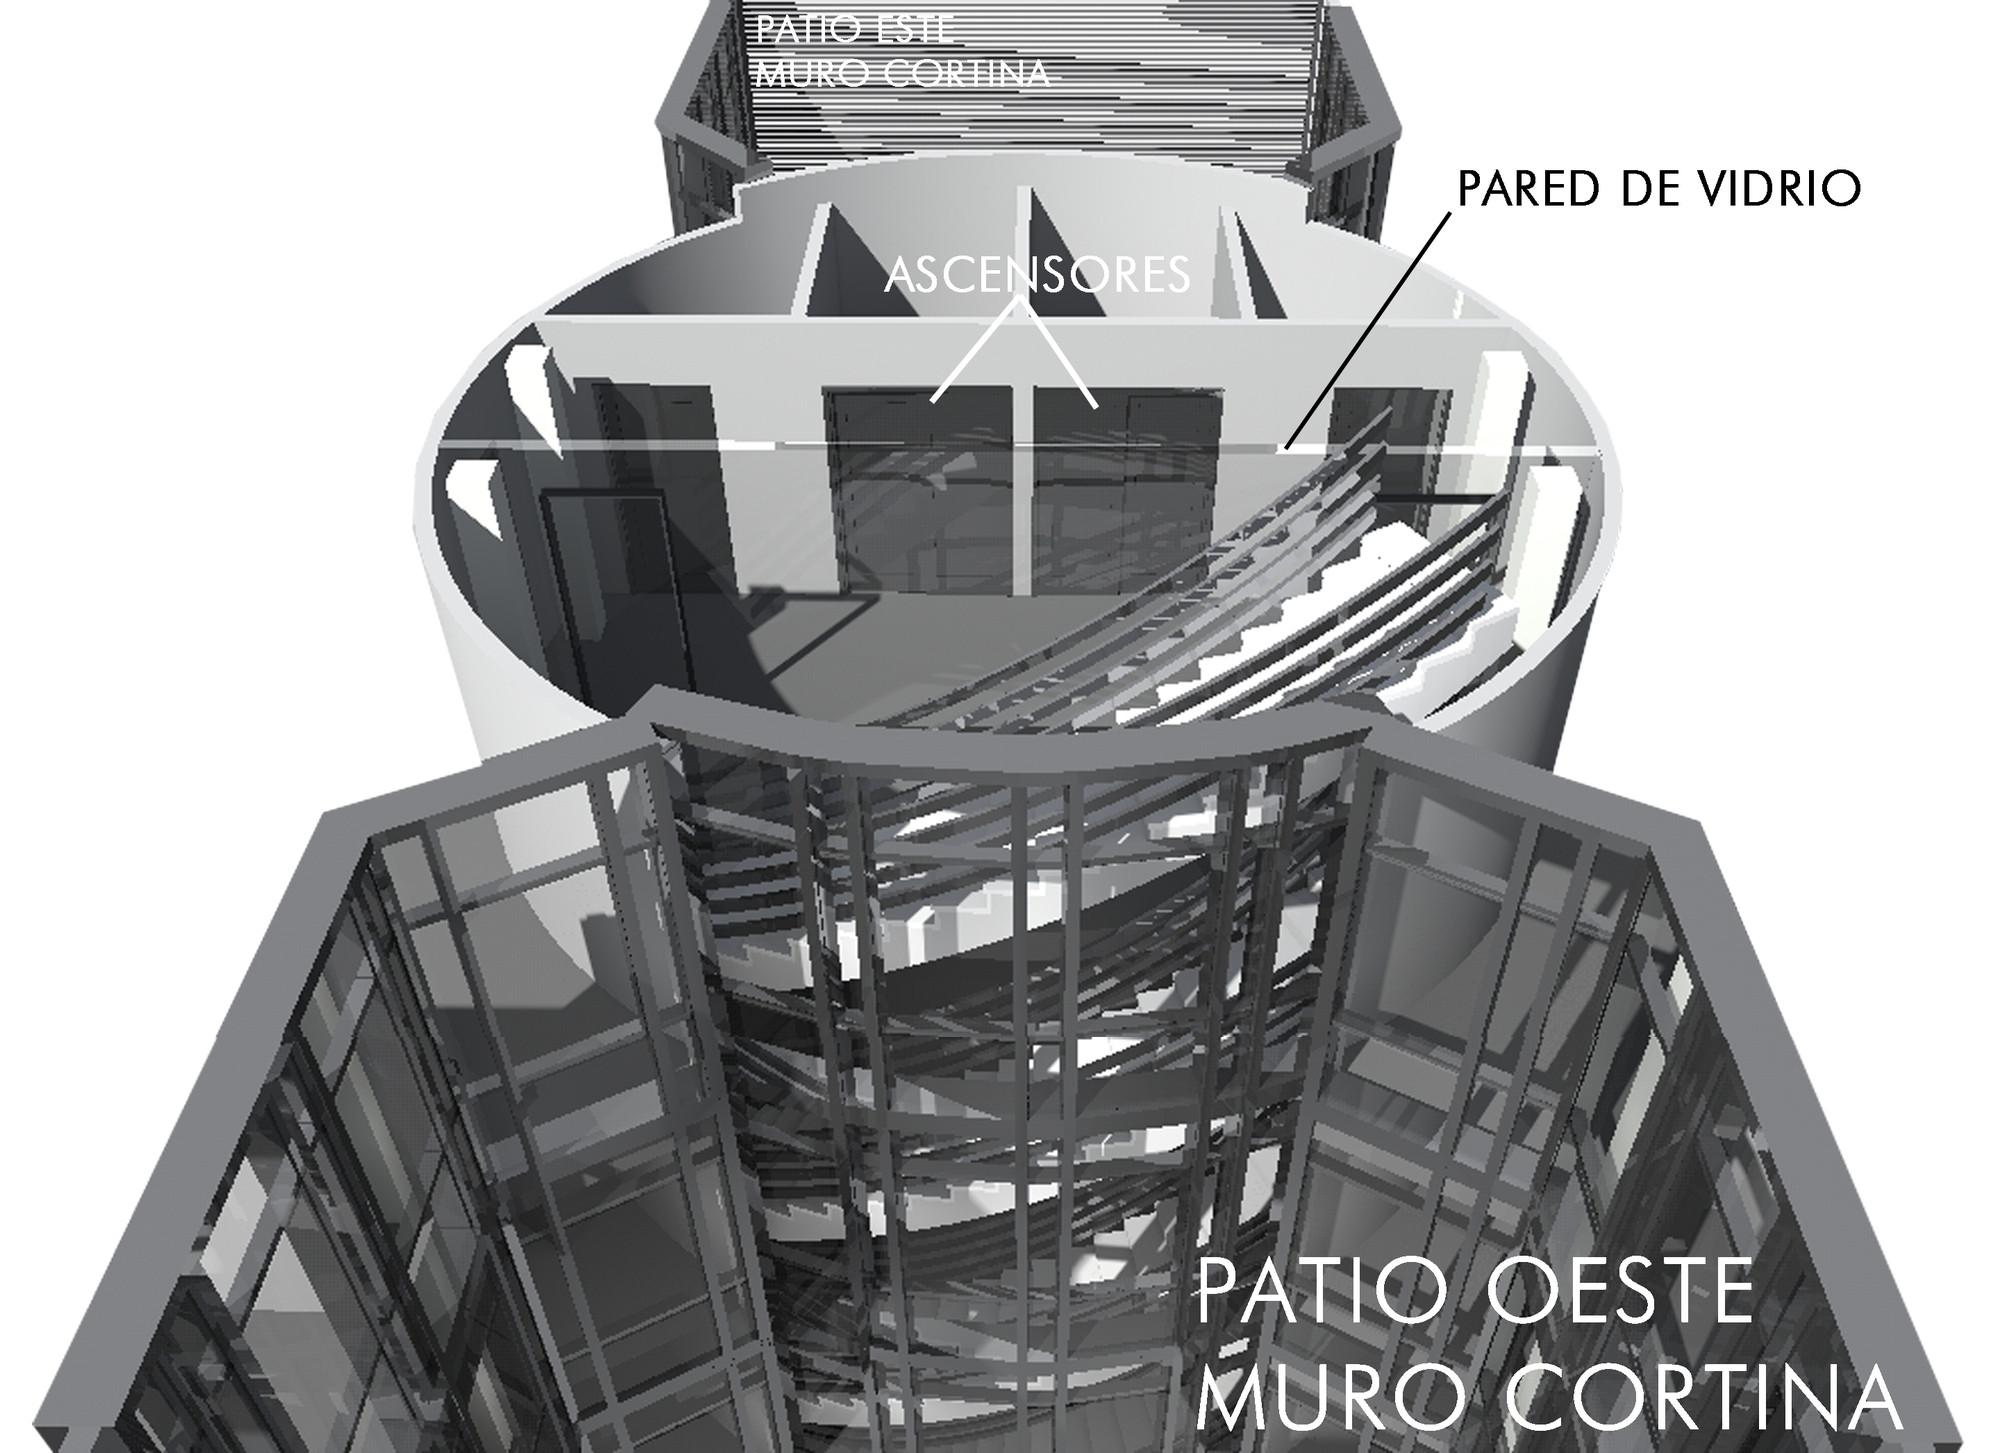 Núcleo vertical. Image Courtesy of Julia Ayuso Sánchez y Antonio J. Martínez Alarcón